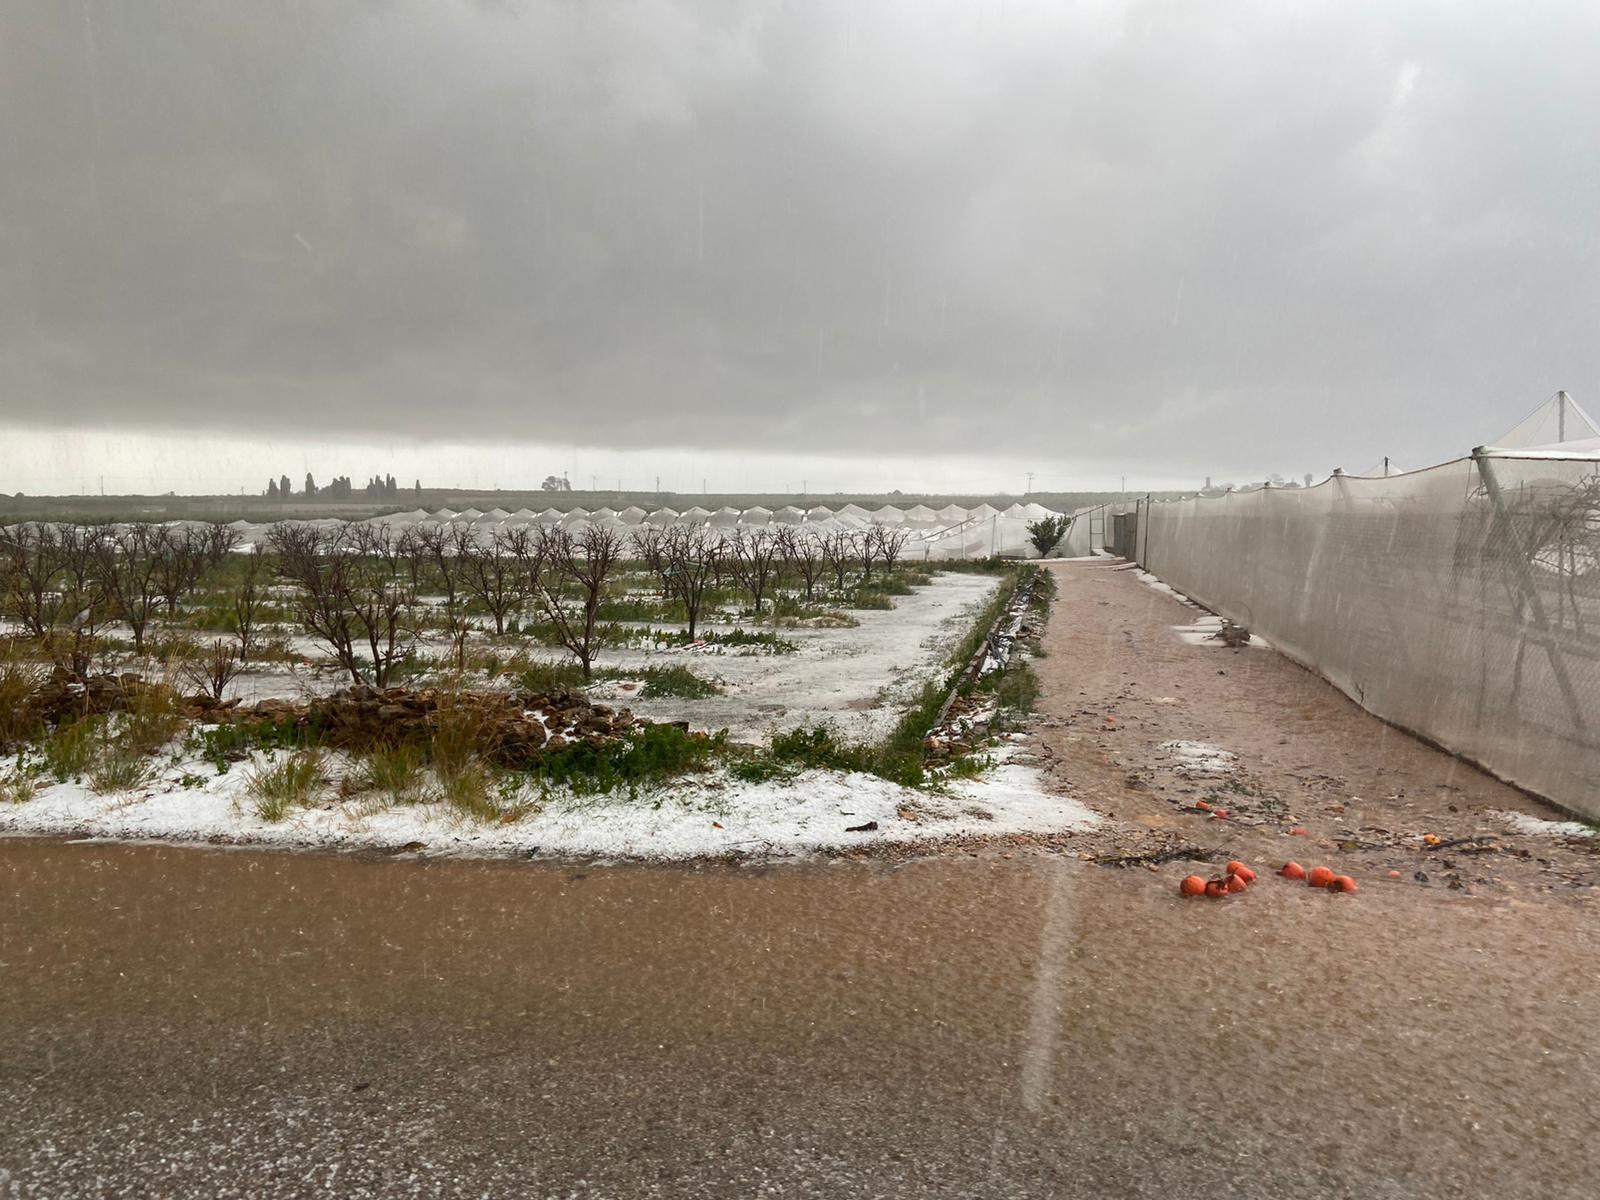 Imagen destacada Agricultura pide al Gobierno rebajas fiscales para los cultivos afectados por temporales